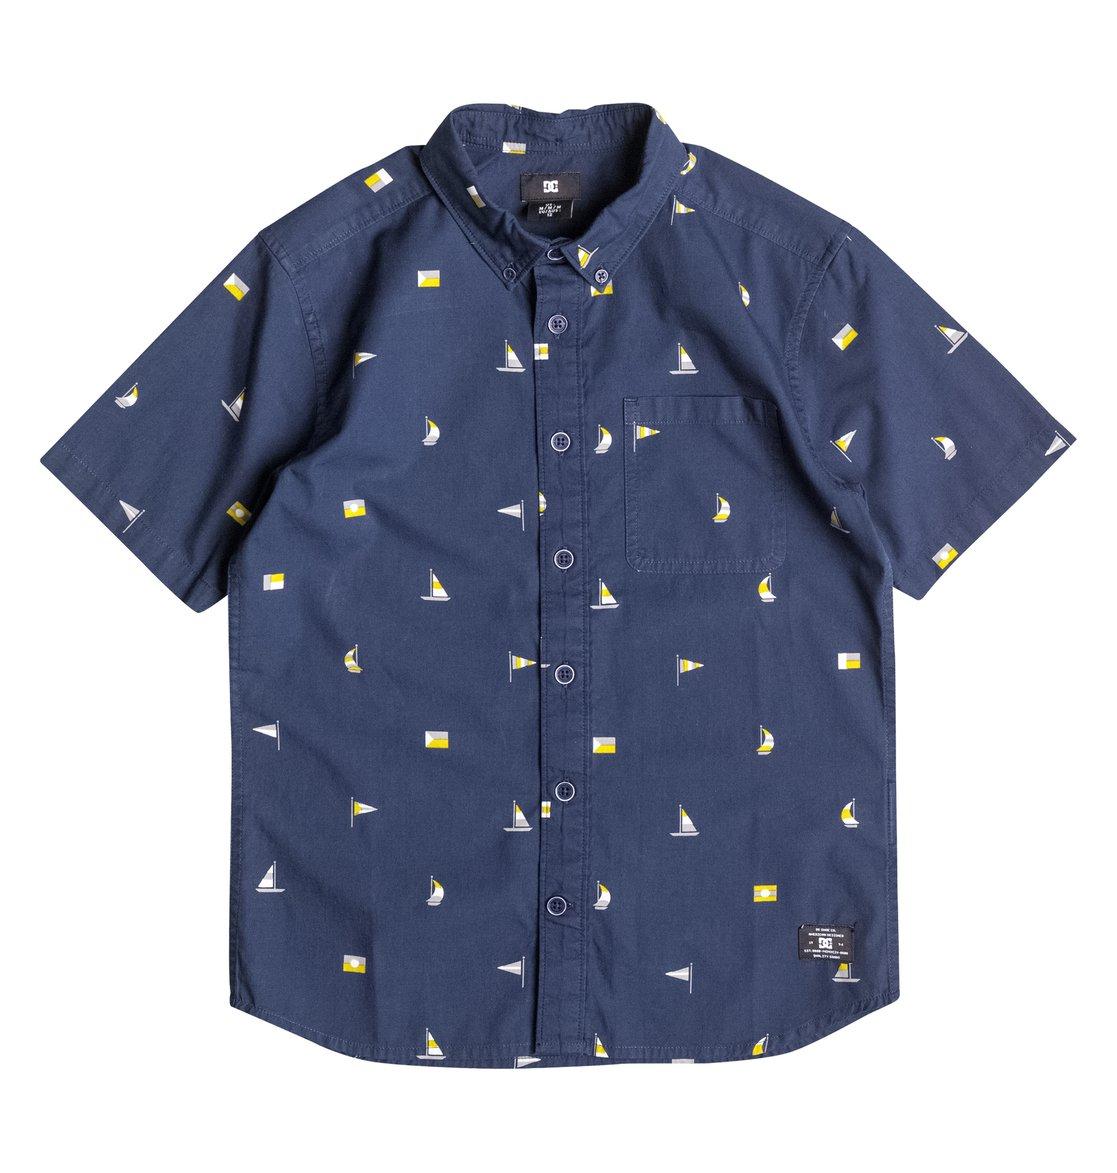 Рубашка для мальчиков Vacation с коротким рукавом от DC Shoes